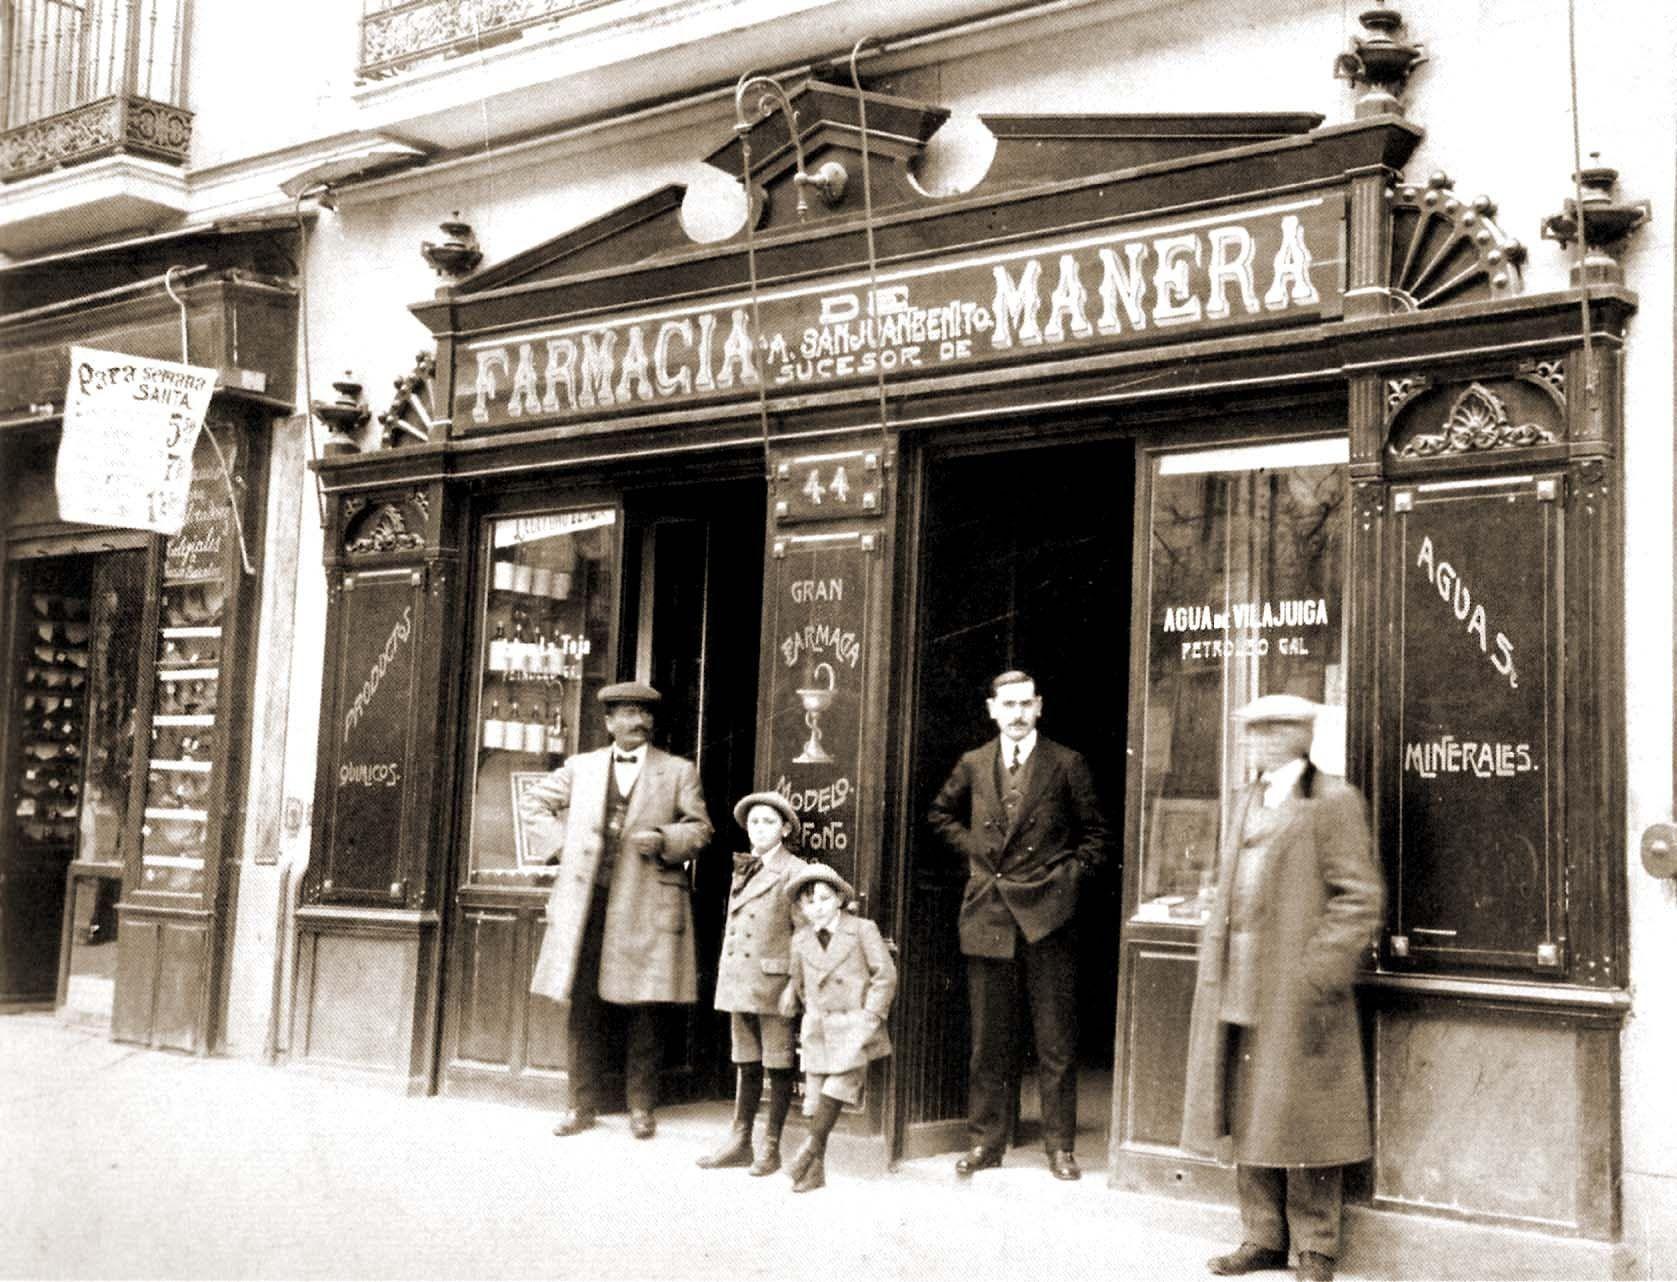 Farmacia calle de serrano 44 madrid 1905 sitios - Calle serrano 55 madrid ...